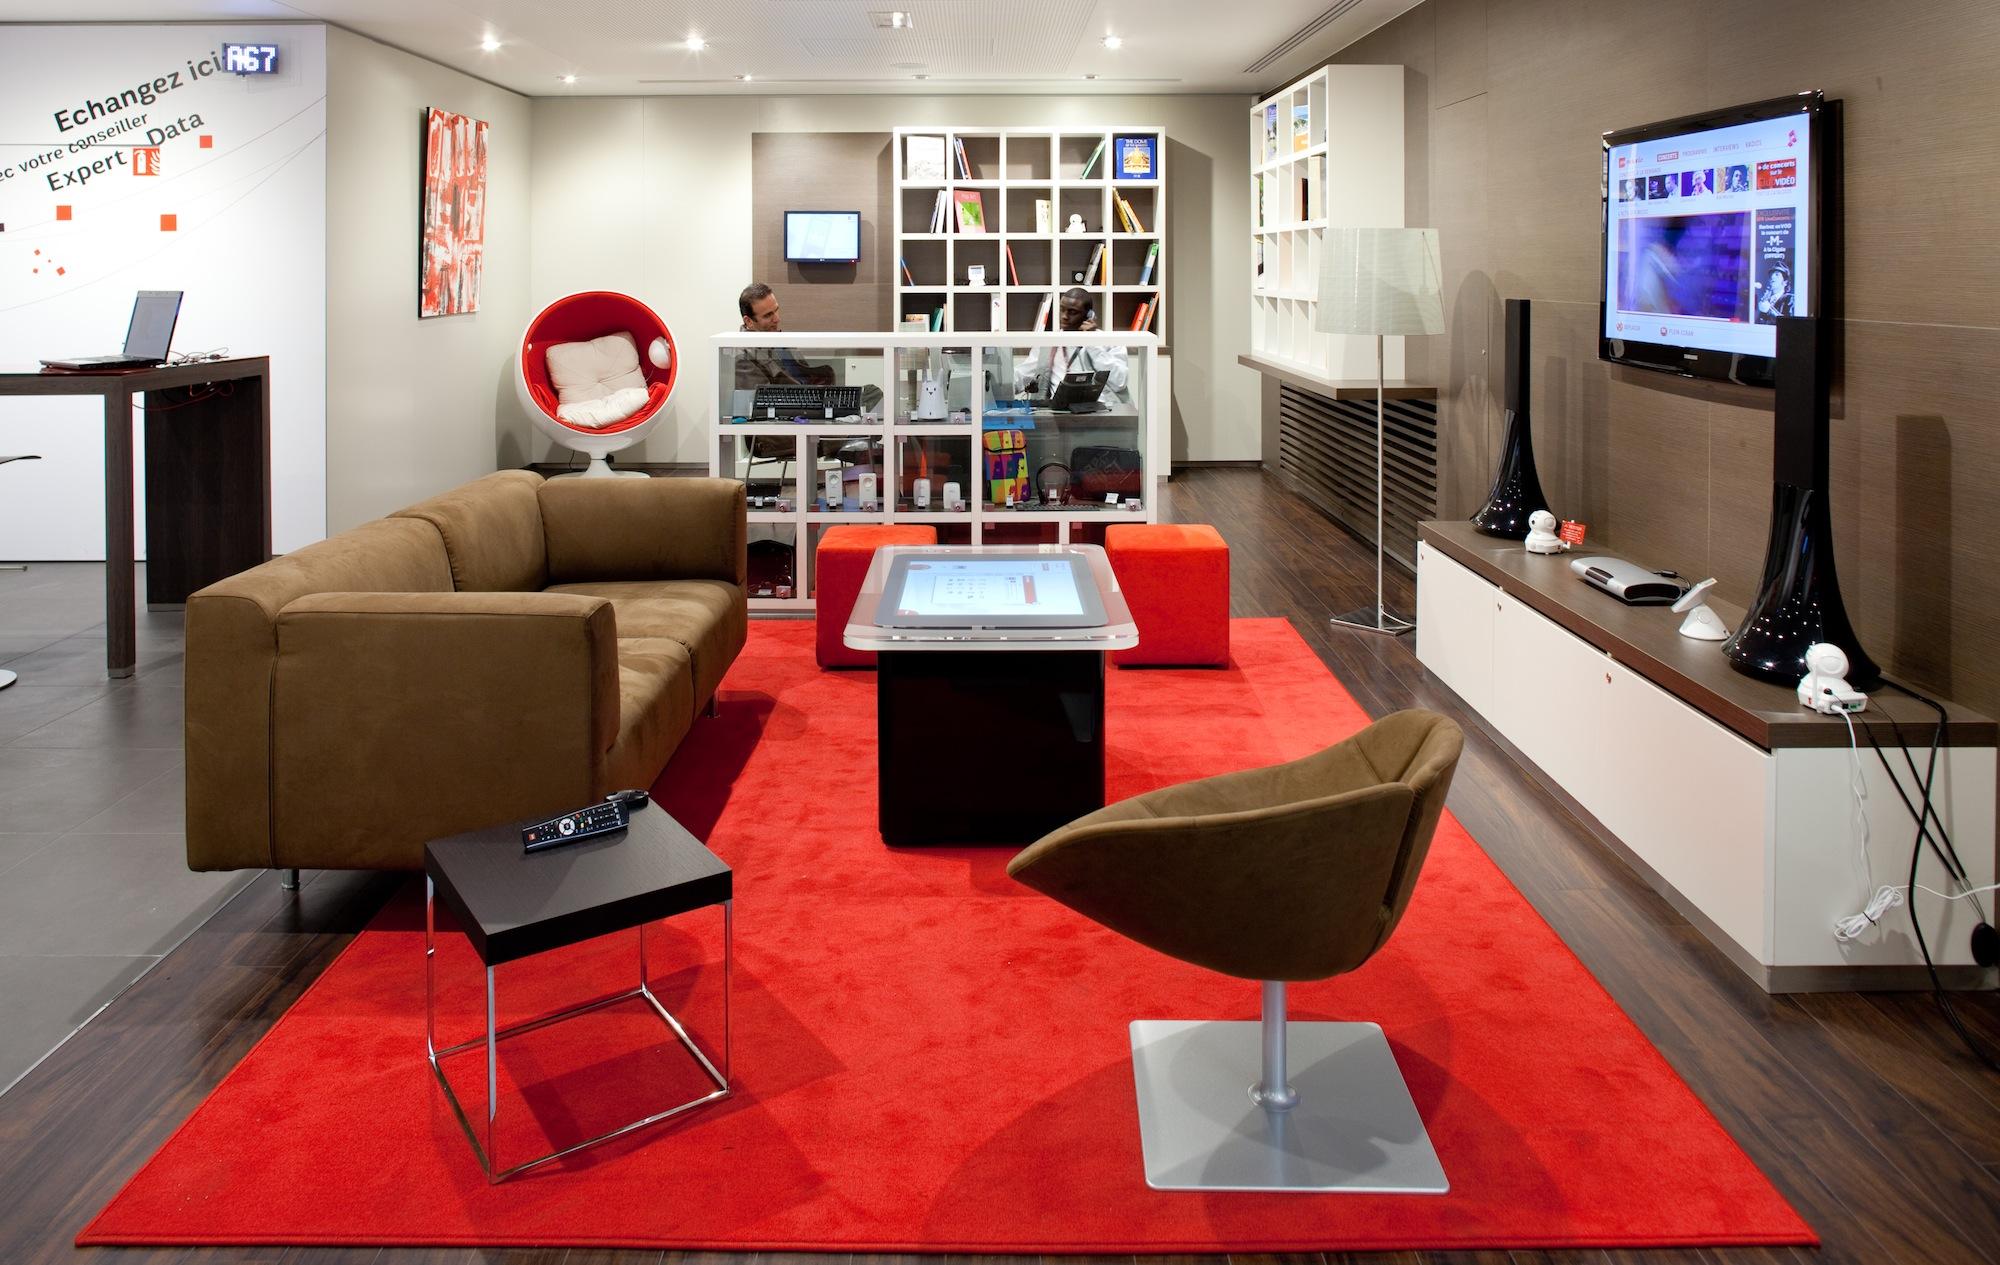 comment localiser un portable sfr gratuitement la r ponse est sur. Black Bedroom Furniture Sets. Home Design Ideas